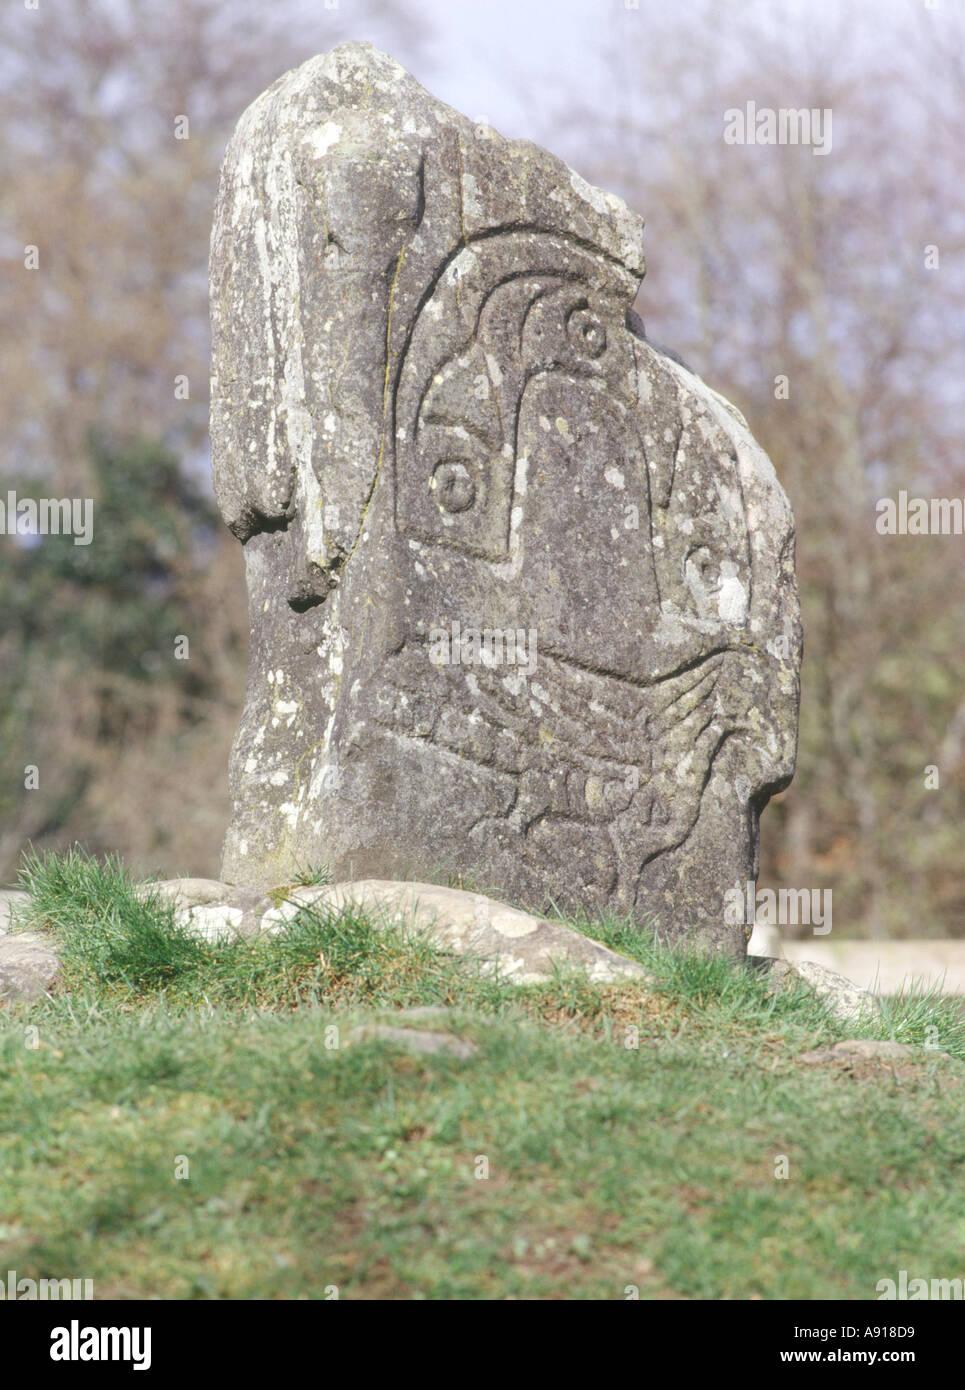 dh Eagle Stone scotland STRATHPEFFER ROSS CROMARTY Celtic Pictish Art pictish geschnitzte Pictsteiner stehende Steine Schnitzsymbol Stockfoto